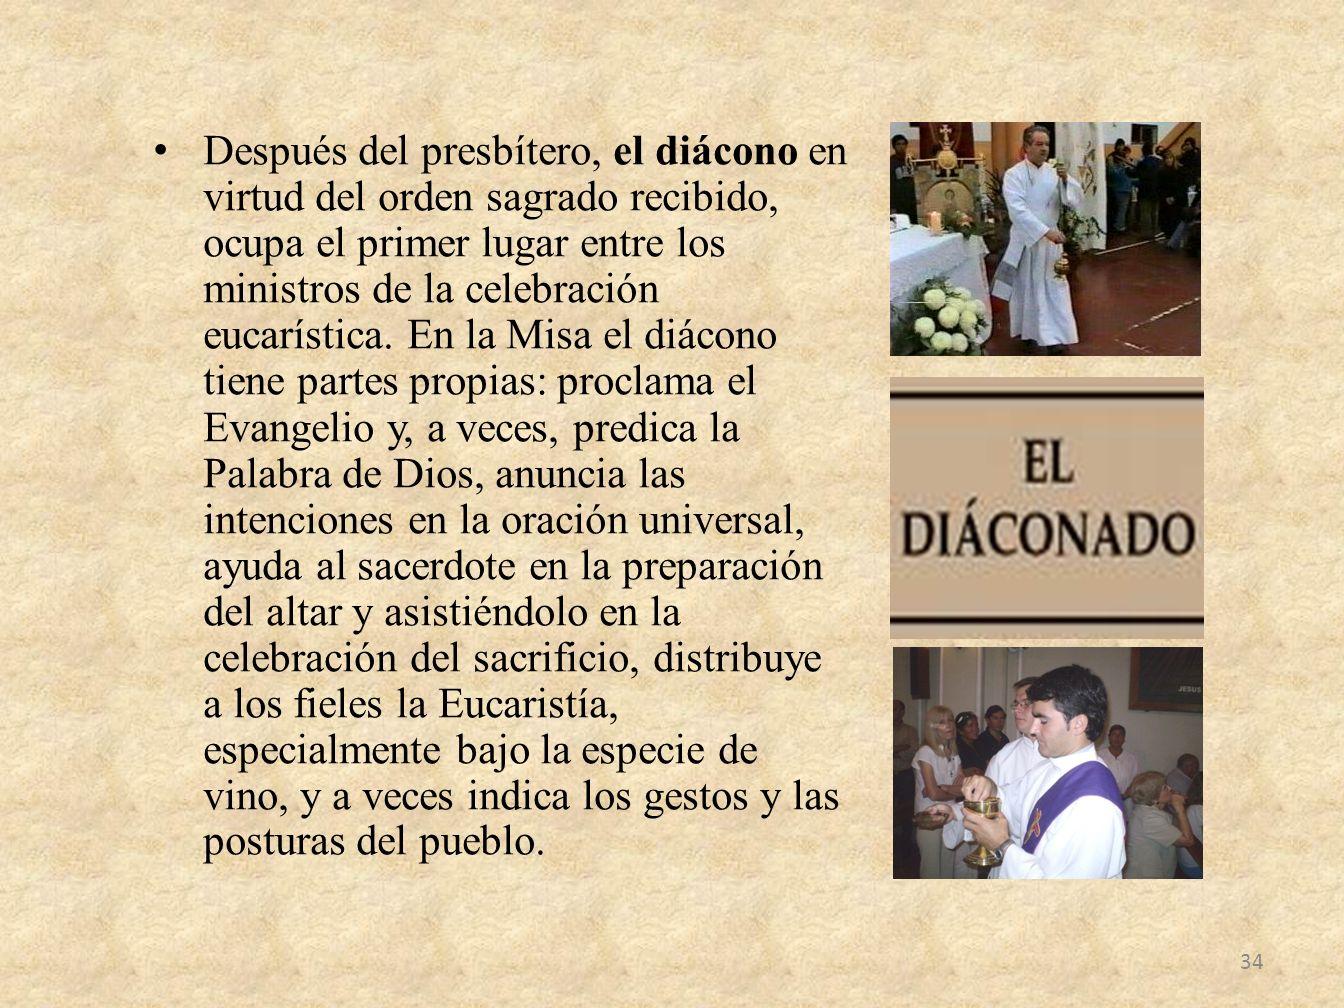 Después del presbítero, el diácono en virtud del orden sagrado recibido, ocupa el primer lugar entre los ministros de la celebración eucarística.